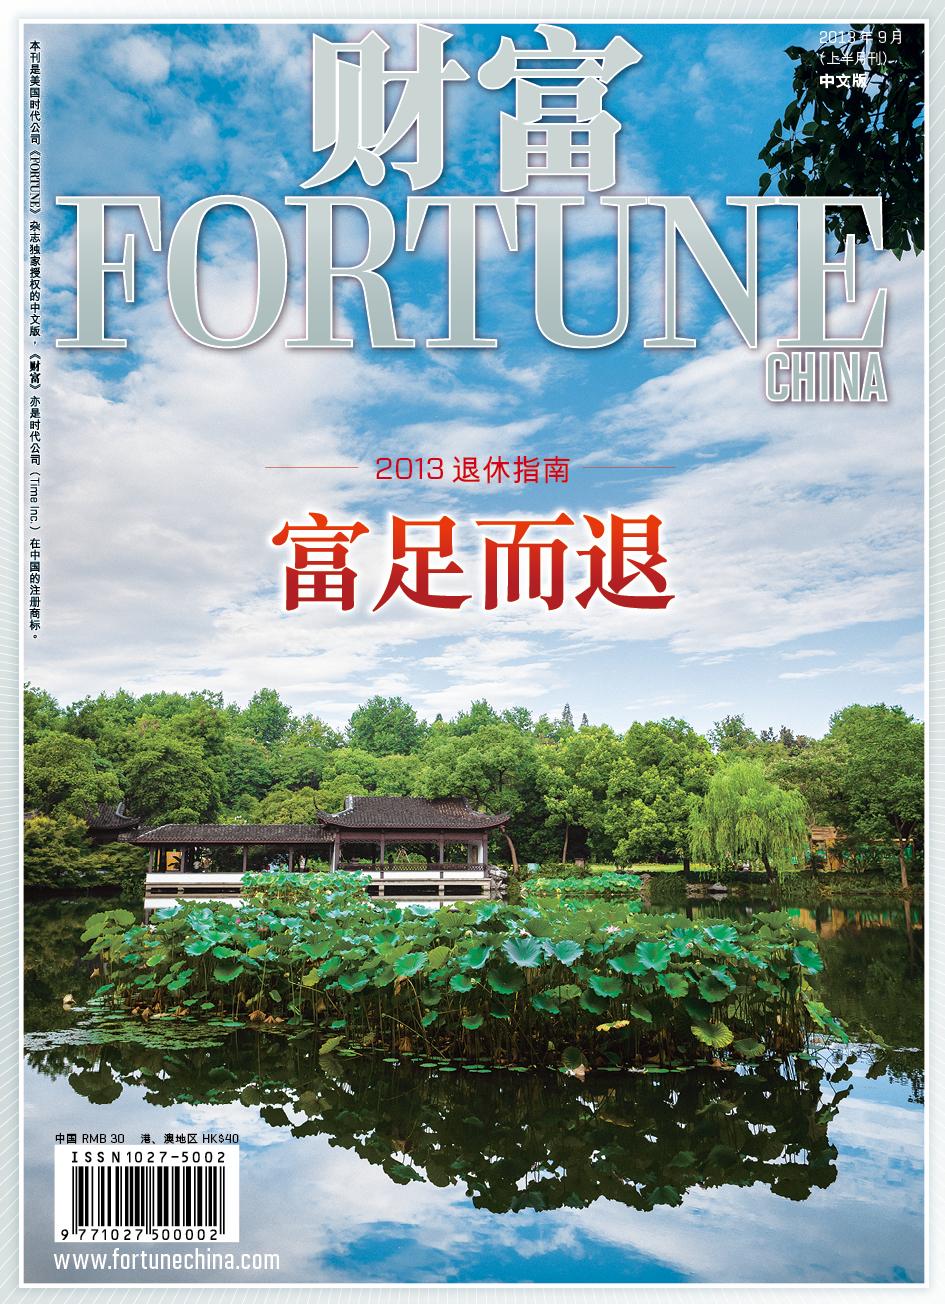 Fortune Sept 2013.jpg